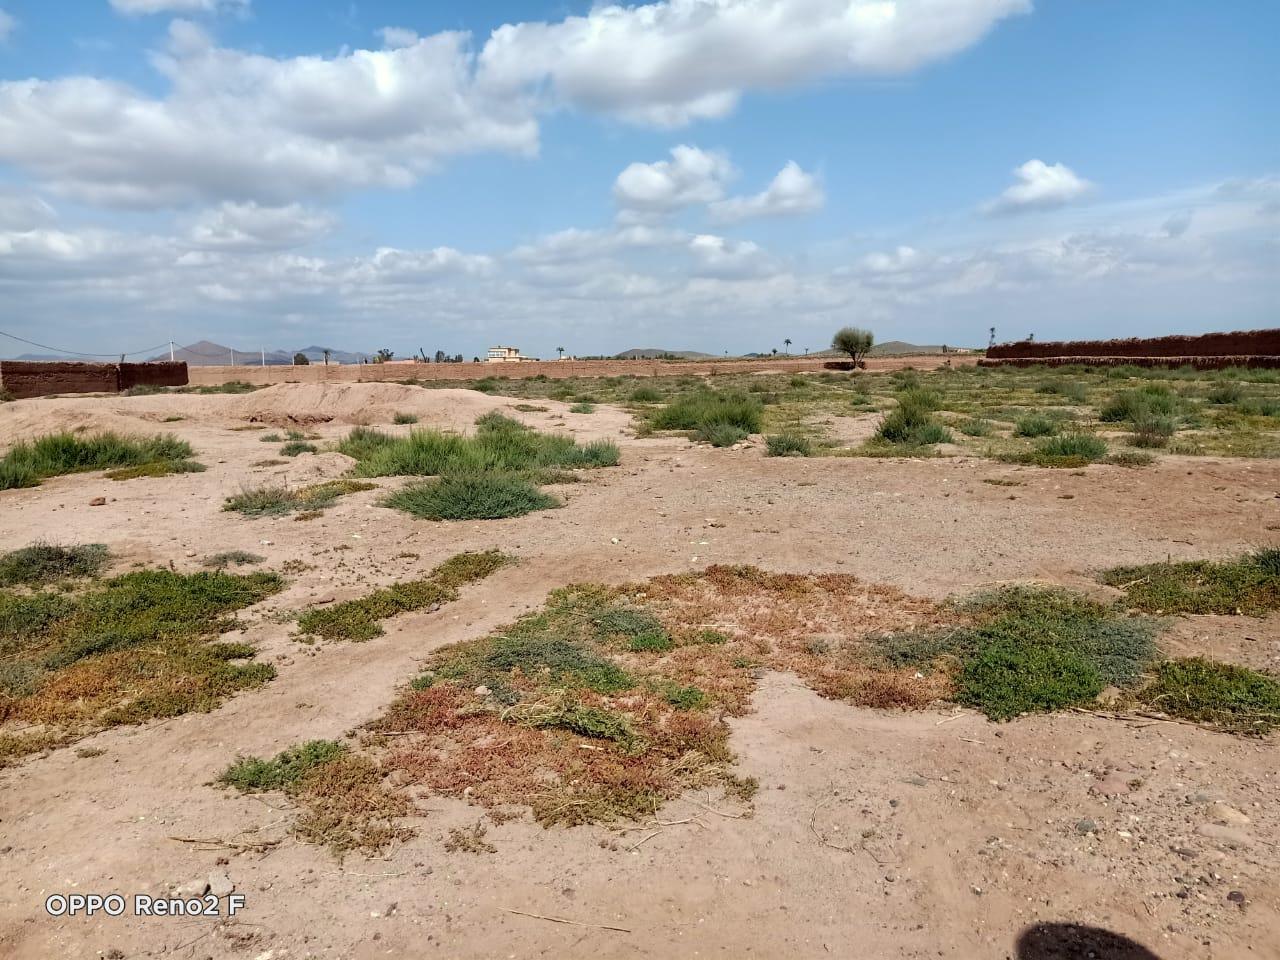 terrain de 11Ha agricole en location à la route de fes